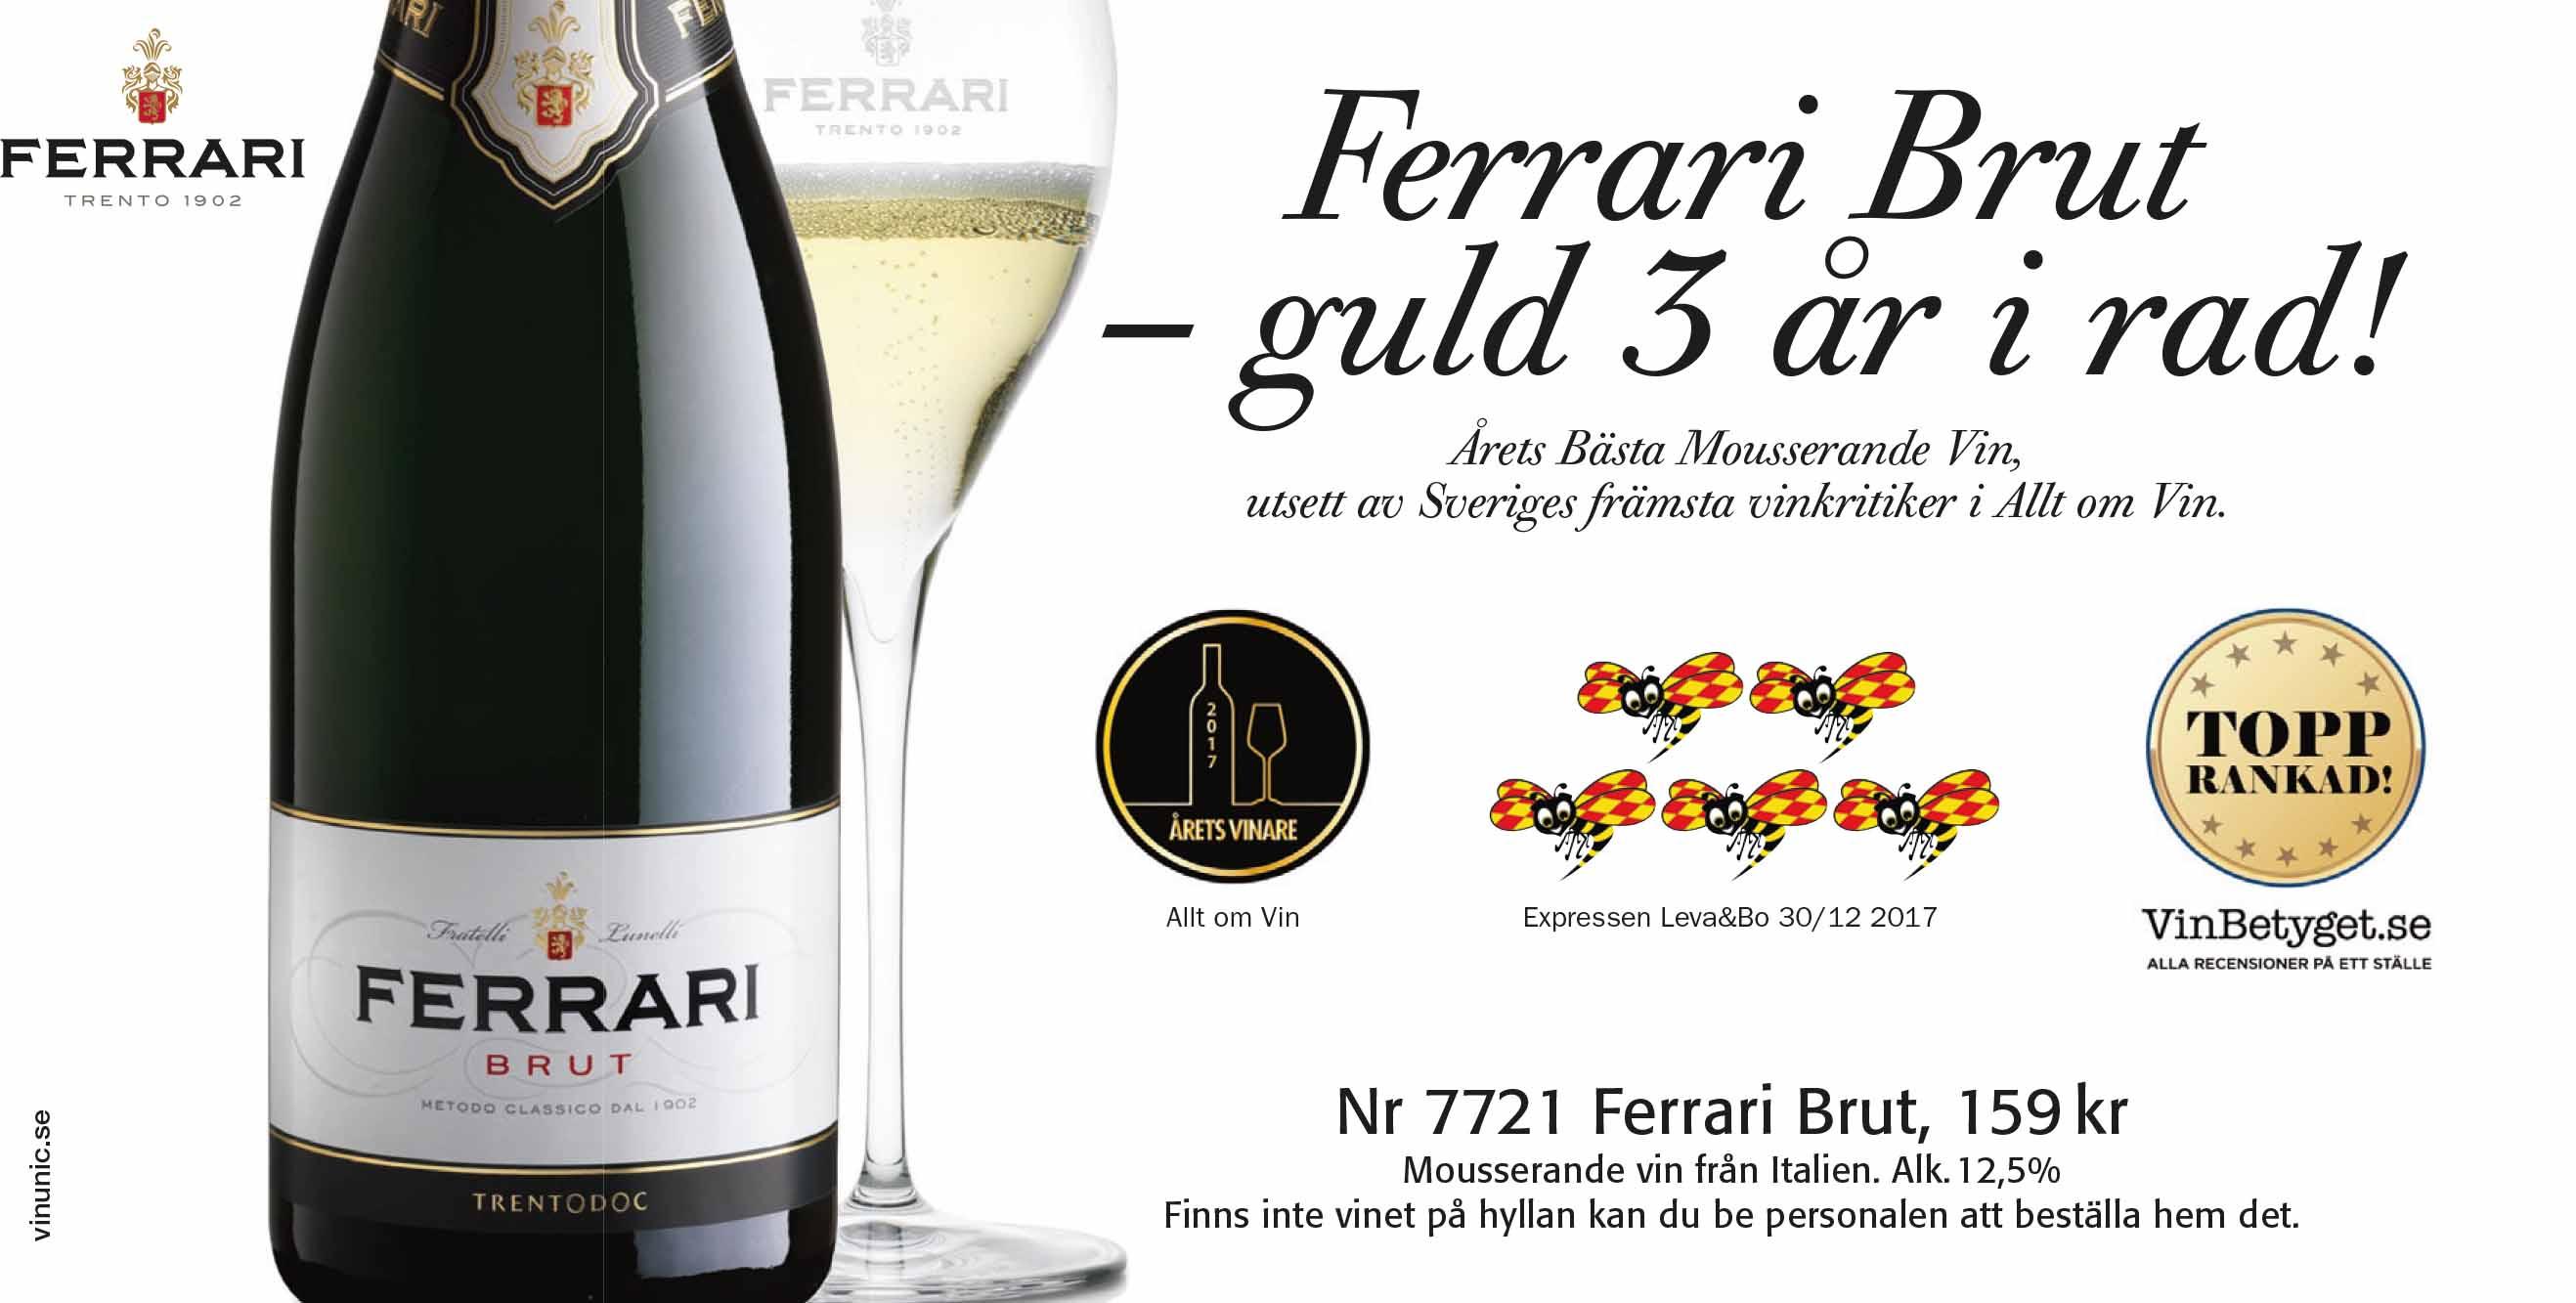 Ferrari: Bästa bubbel, italienskt mousserande vin